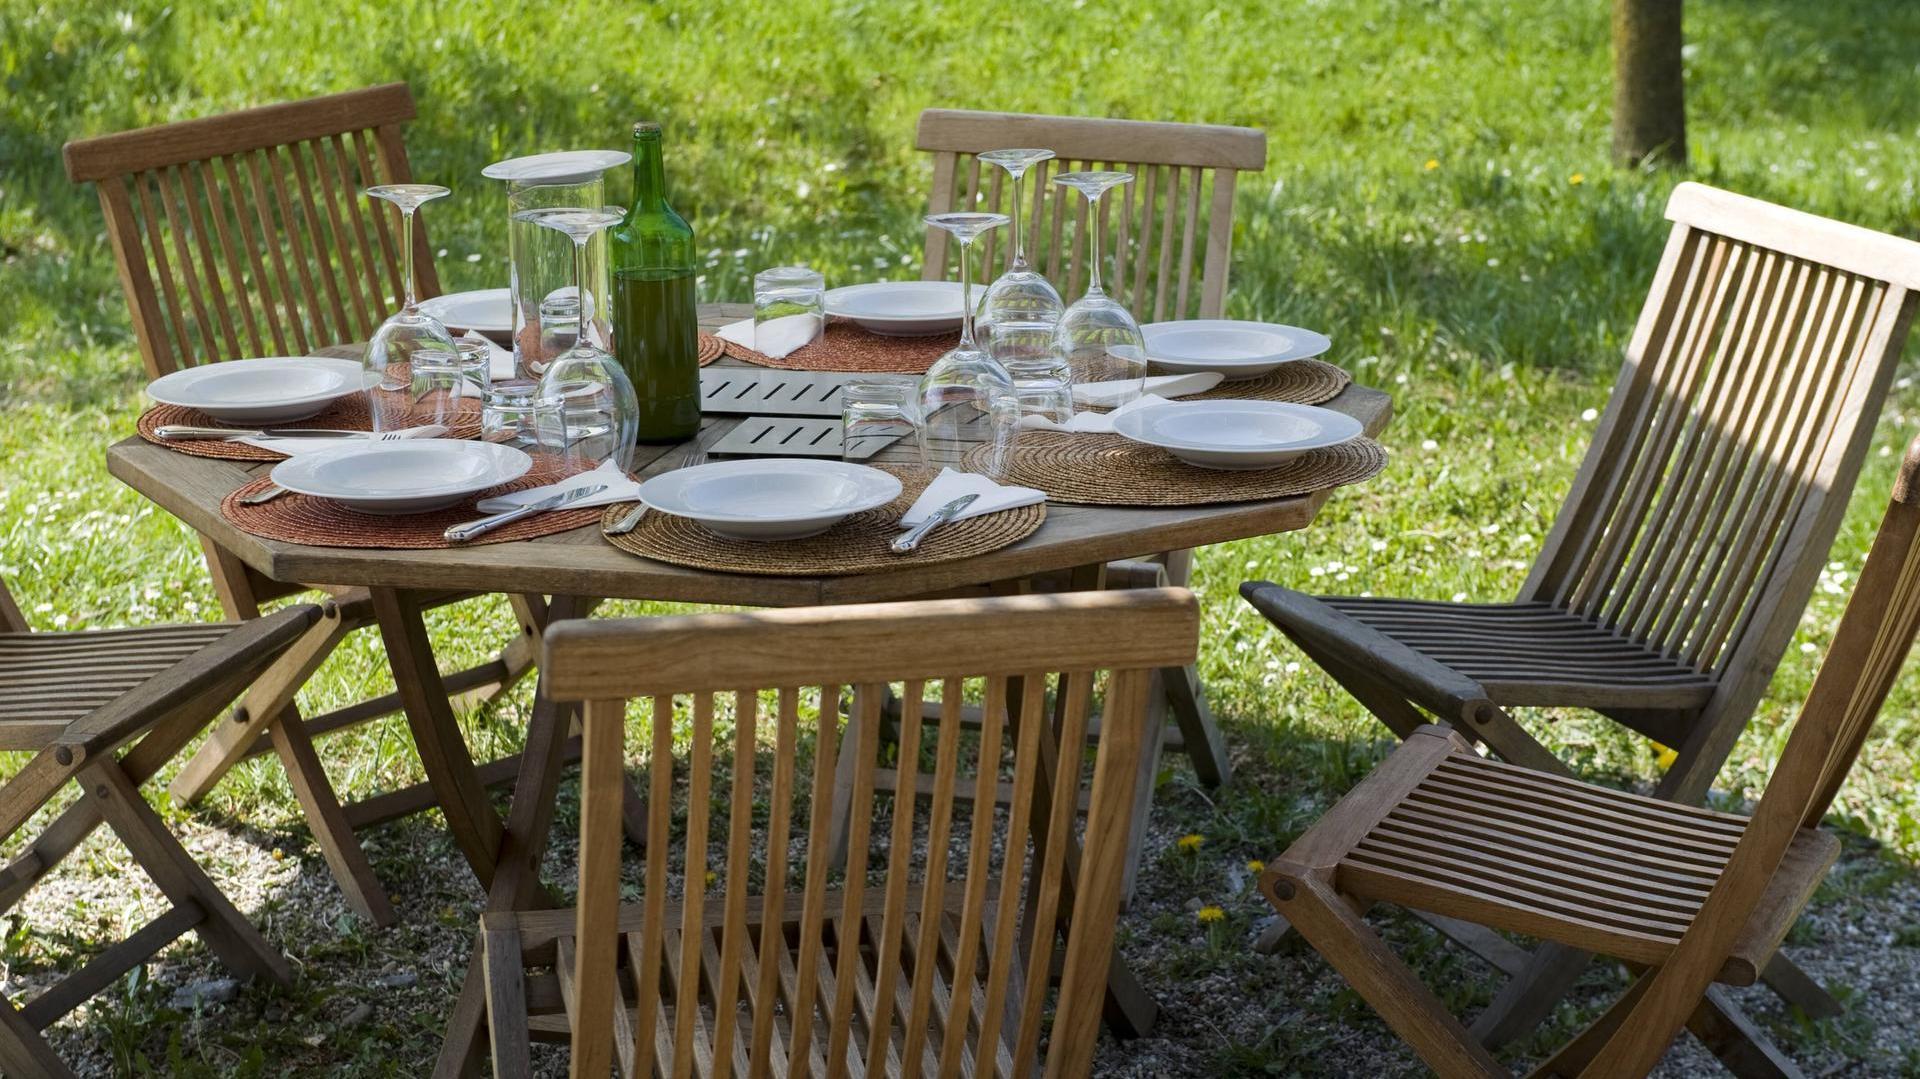 Full Size of Lidl Gartentischdecke Rund Gartentisch Glas Online Gartentischdecken Mit Glasplatte Holz Ausziehbar Klappbar Angebot Florabest Tisch Aluminium Kaufen Aus Wohnzimmer Lidl Gartentisch